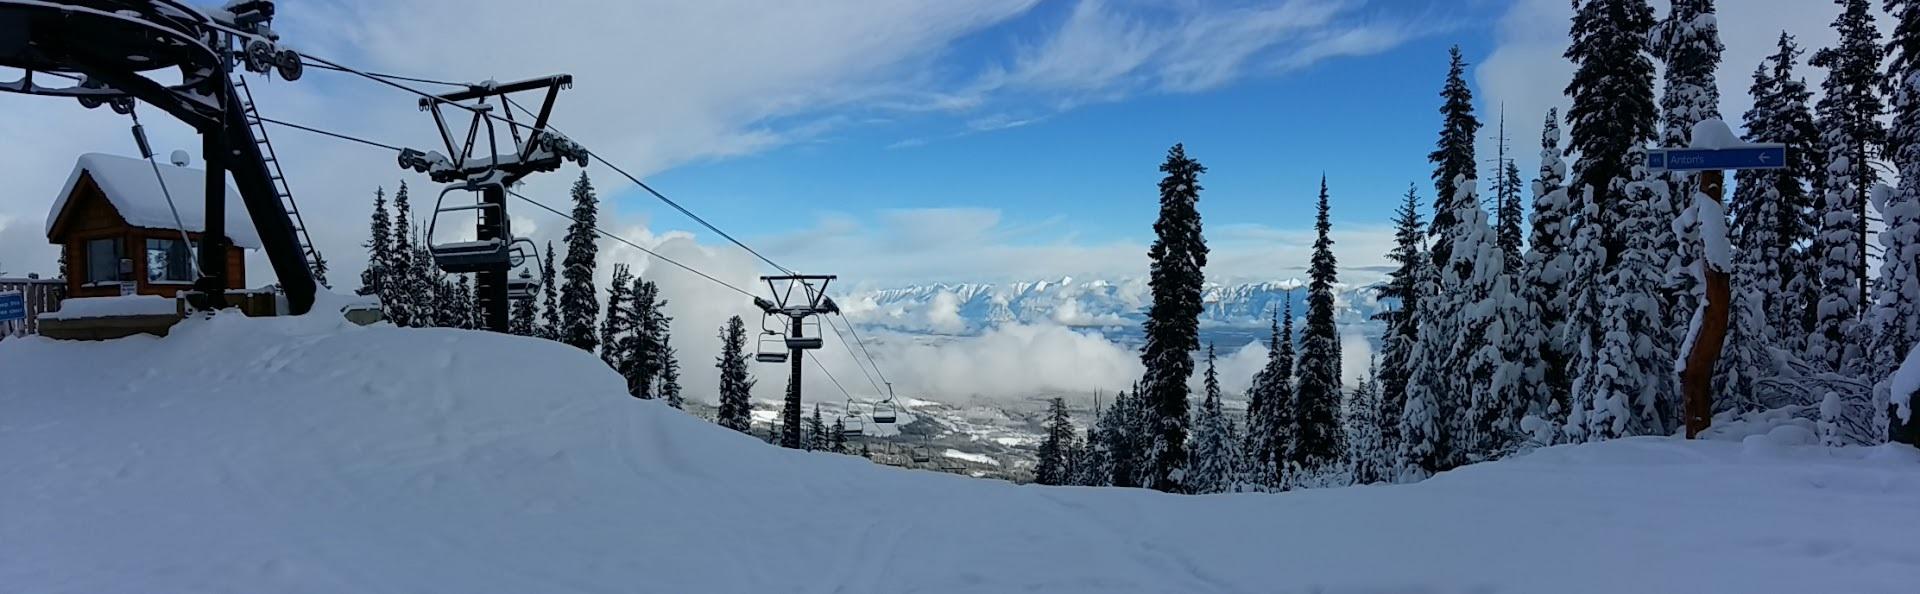 Kimberley Alpine Resort to Open the 20162017 Season on Saturday